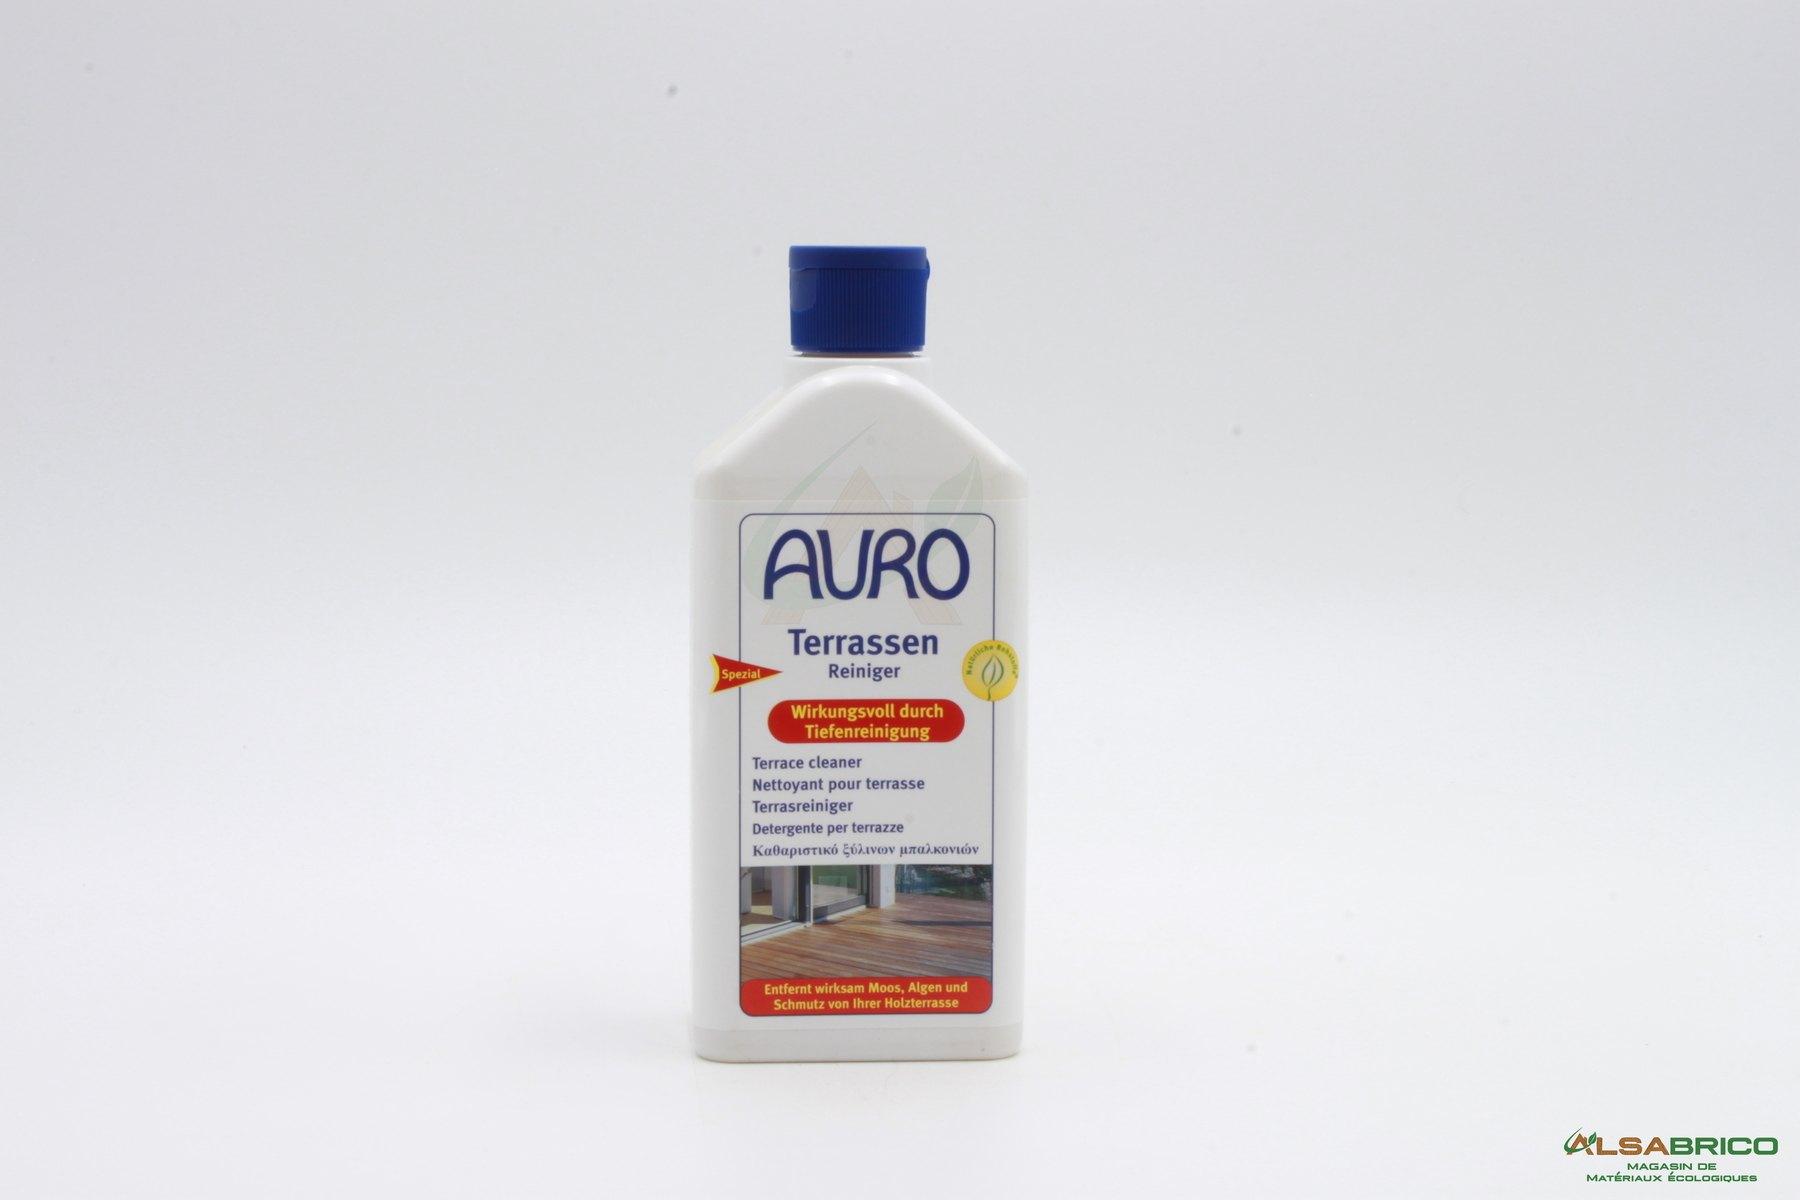 Produit Nettoyage Dalle Terrasse nettoyant pour terrasse n°801 auro | traitement du bois